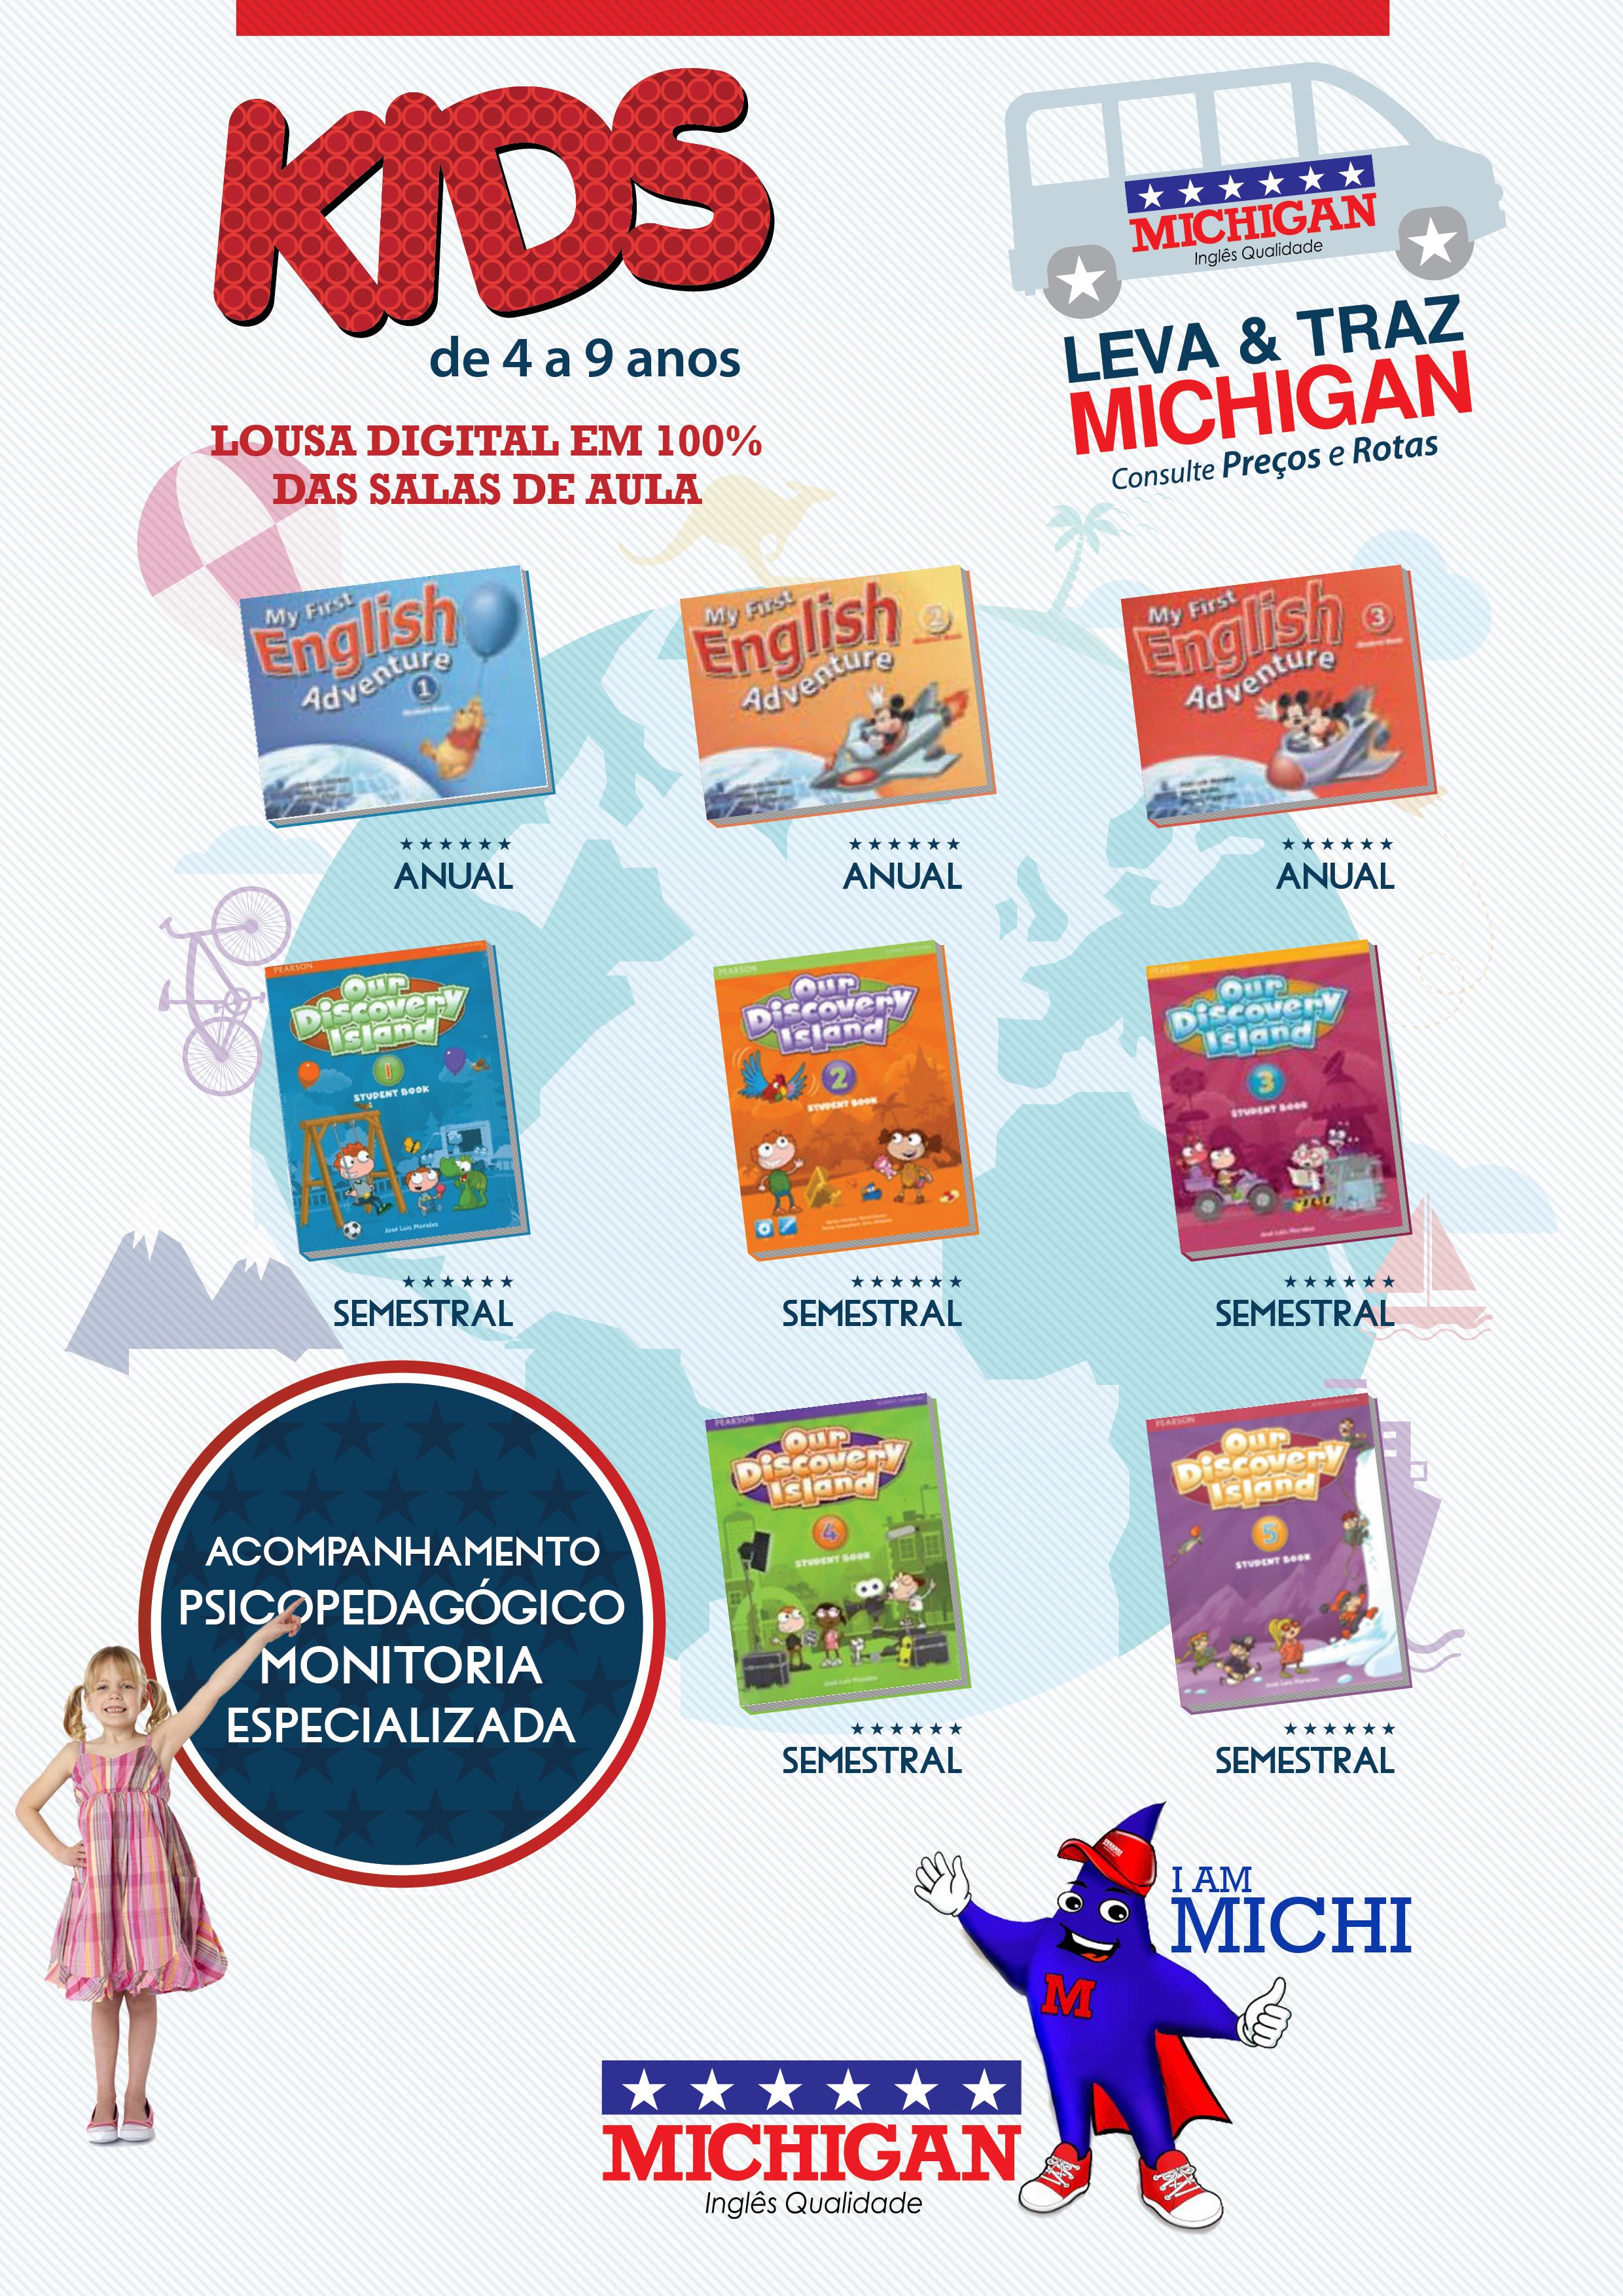 Curso de Inglês para Crianças Escola Michigan Valinhos material didático